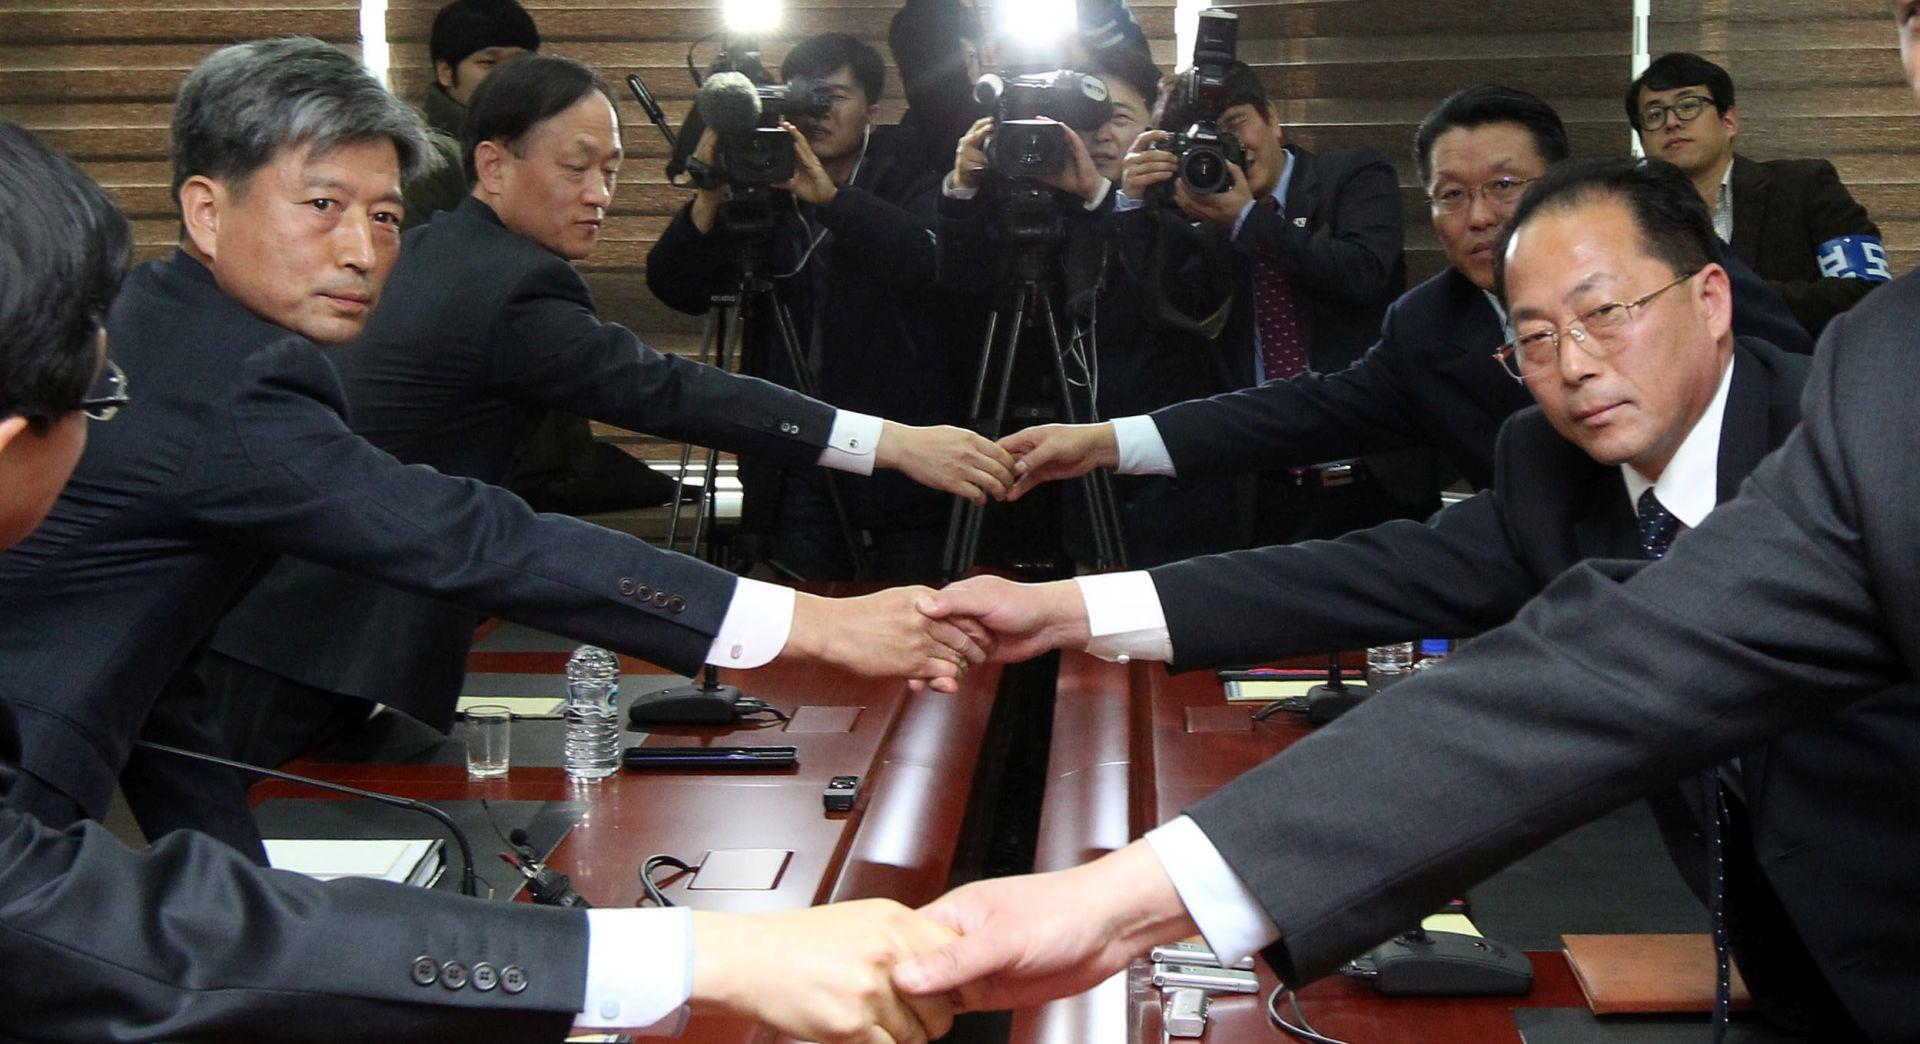 NAKON ŠEST GODINA NAPETOSTI Dvije Koreje održale sastanak na visokoj razini